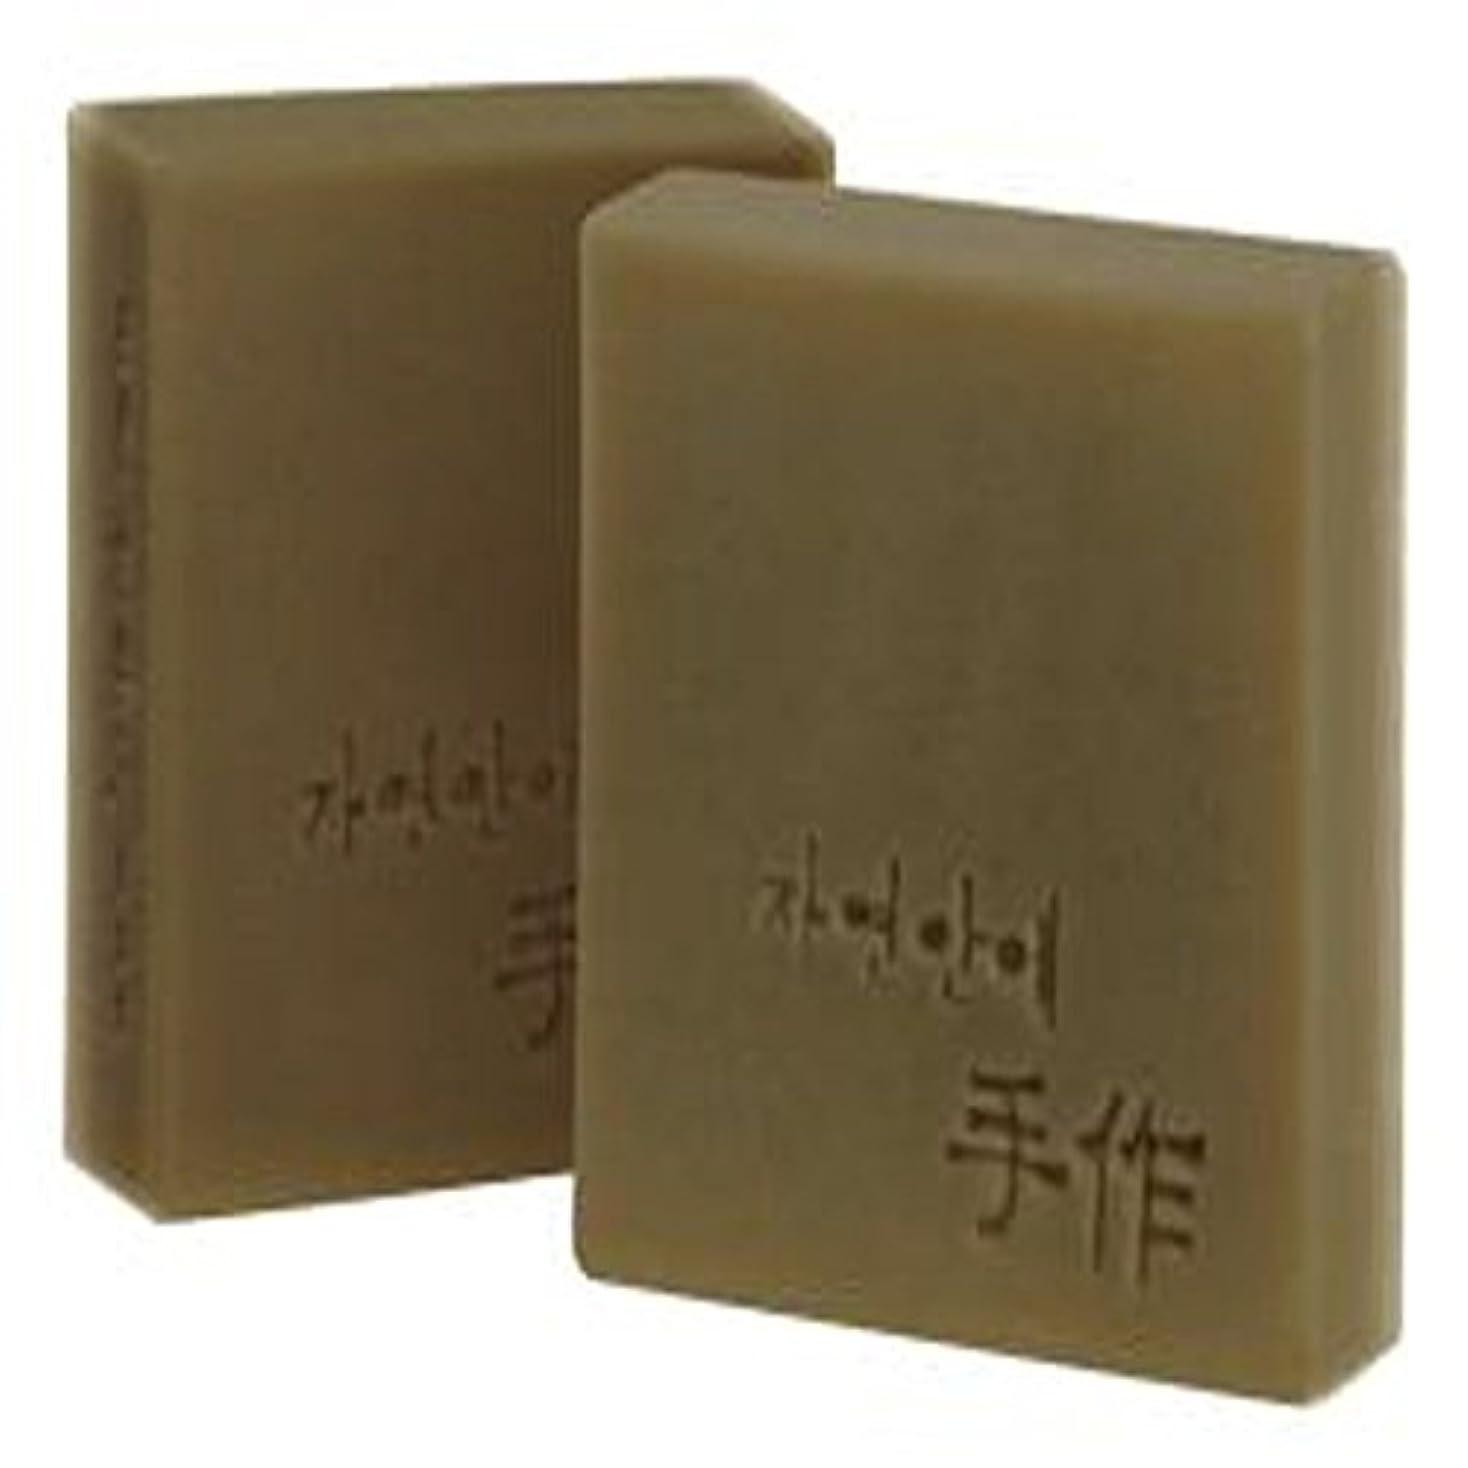 迷路排気勘違いするNatural organic 有機天然ソープ 固形 無添加 洗顔せっけんクレンジング 石鹸 [並行輸入品] (カボチャ)